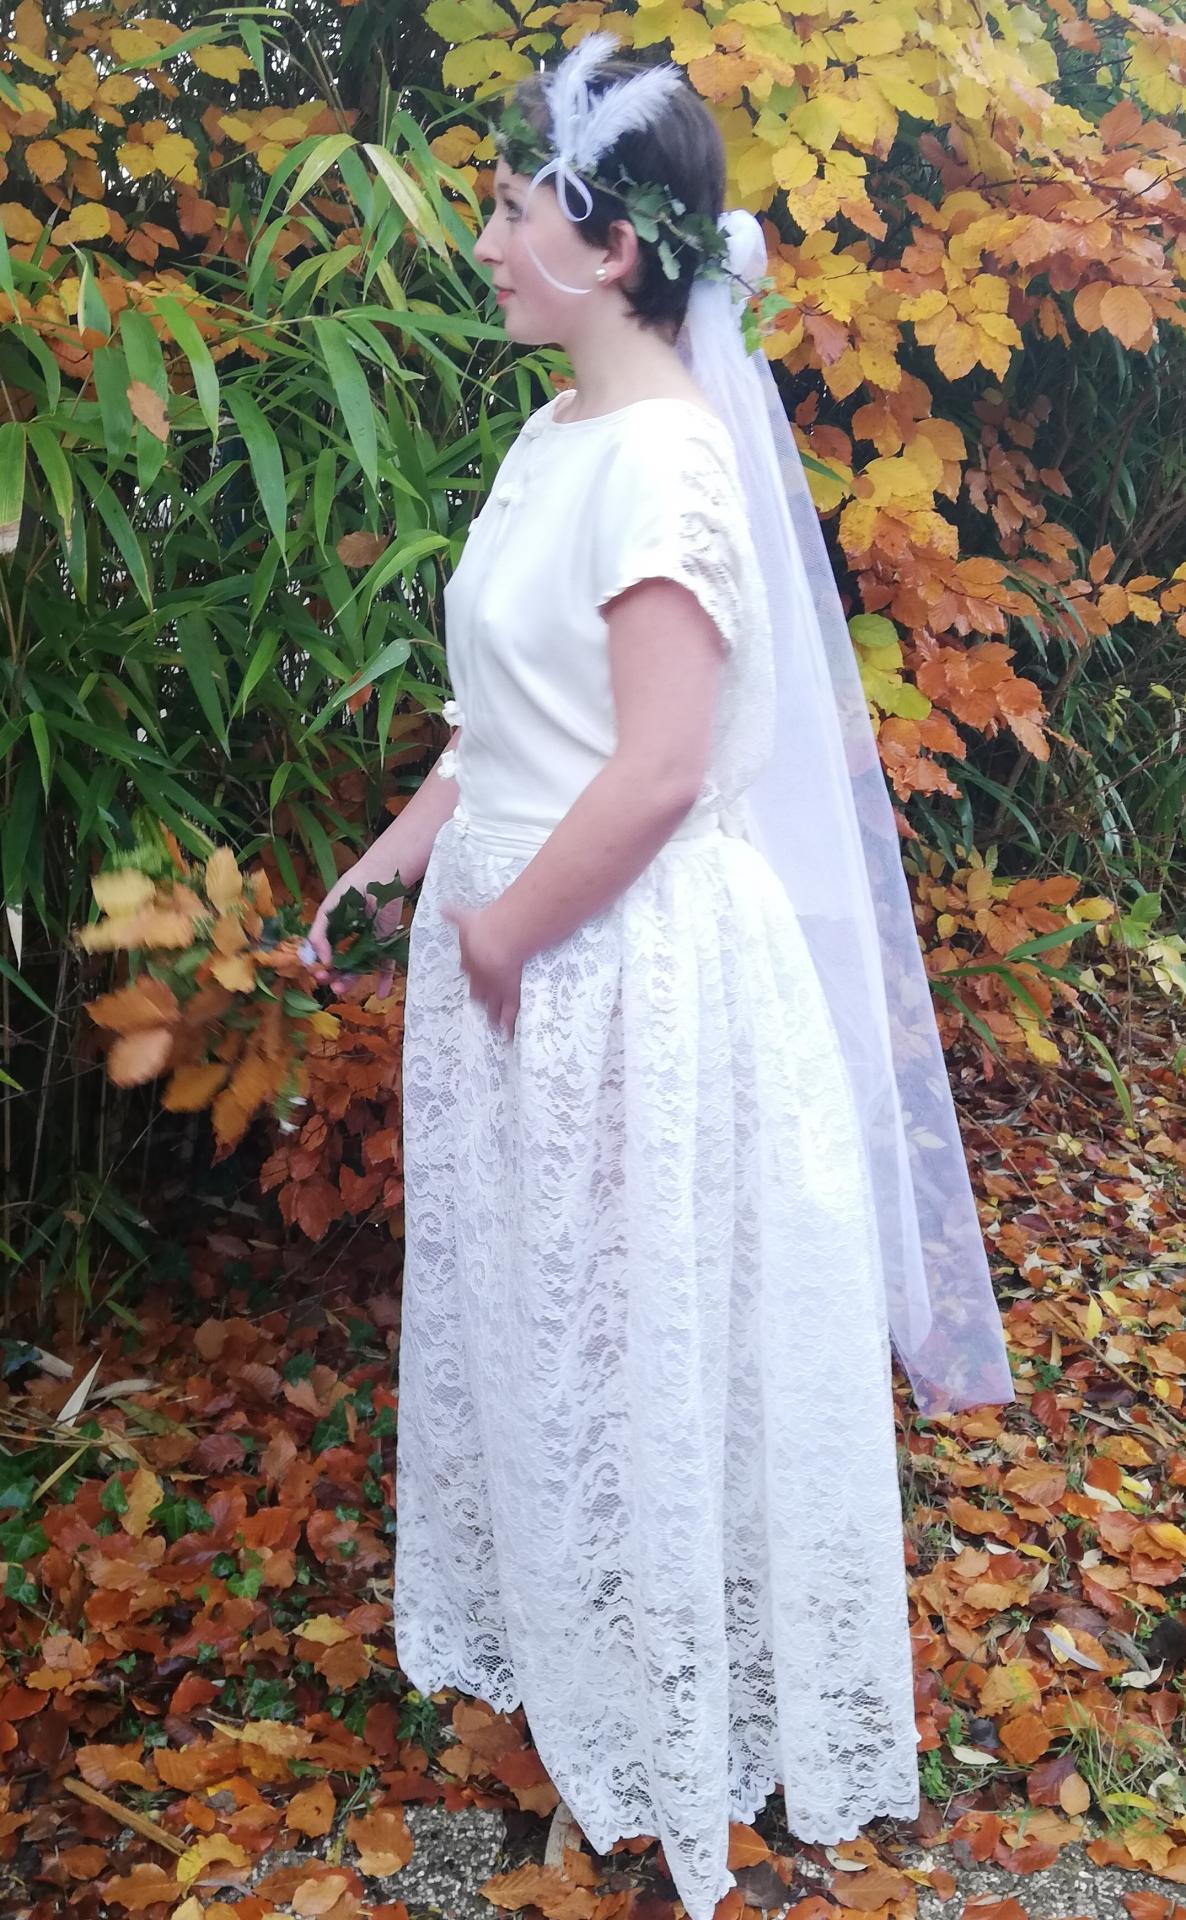 Robe de mariee reversible dentelle tulle et viscose rose faconnee a la main avec un coeur de nacre couronne fleurs et plumes fifi au jardin pose 12